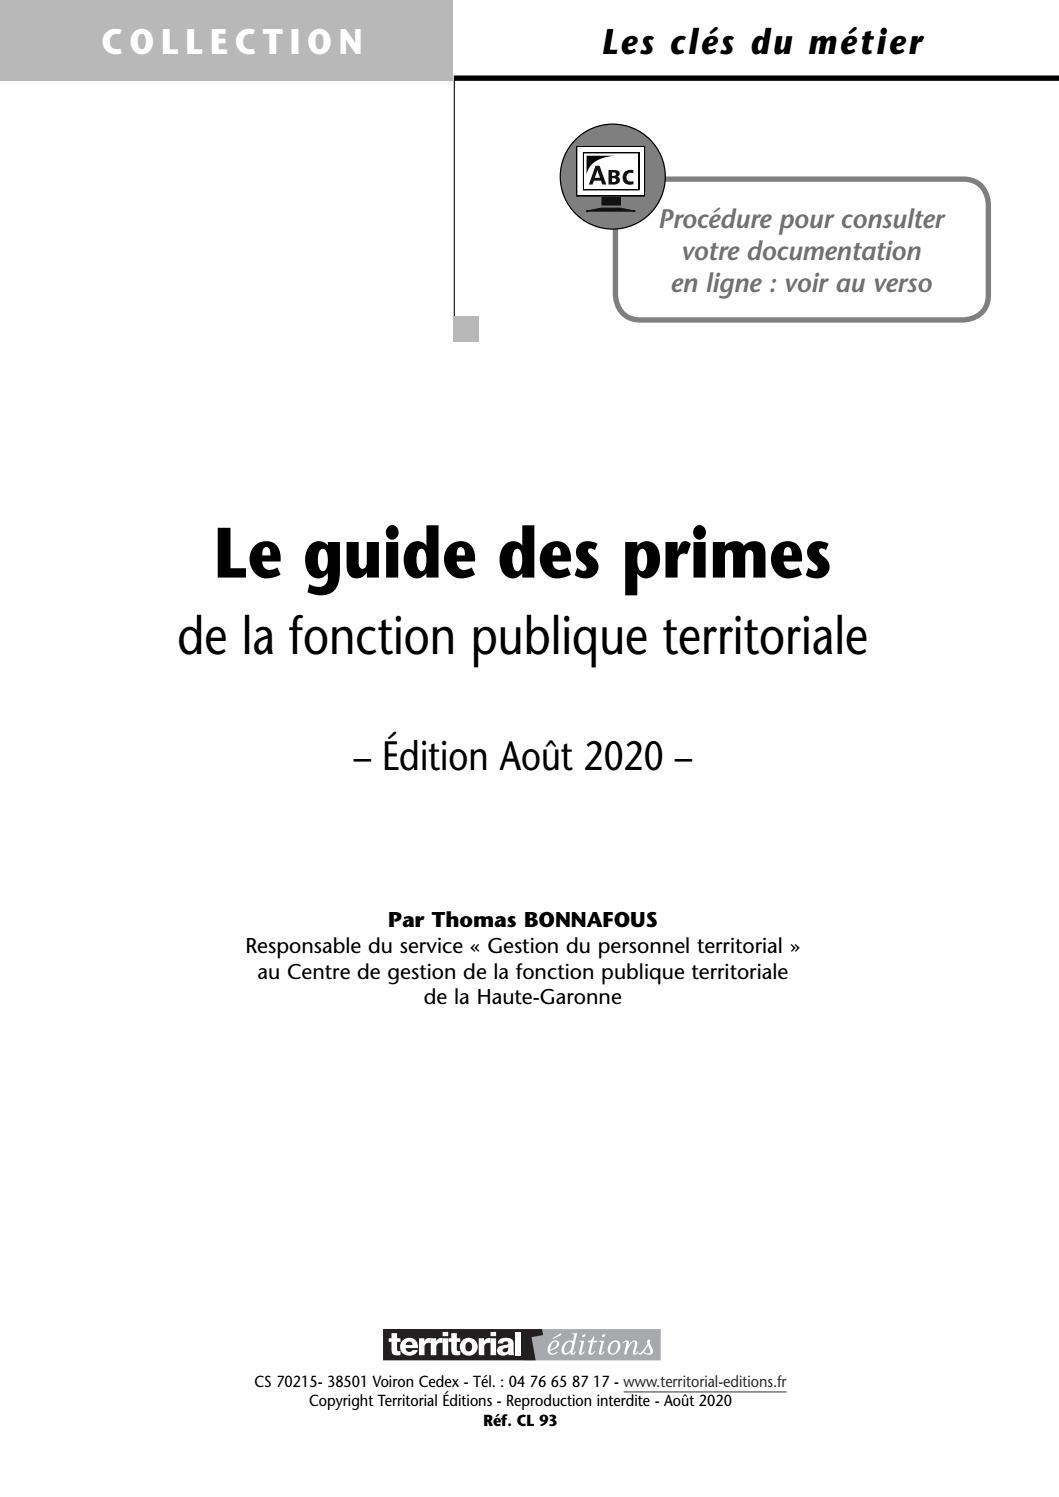 Guide des primes 2012 - Forum de la Fonction Publique